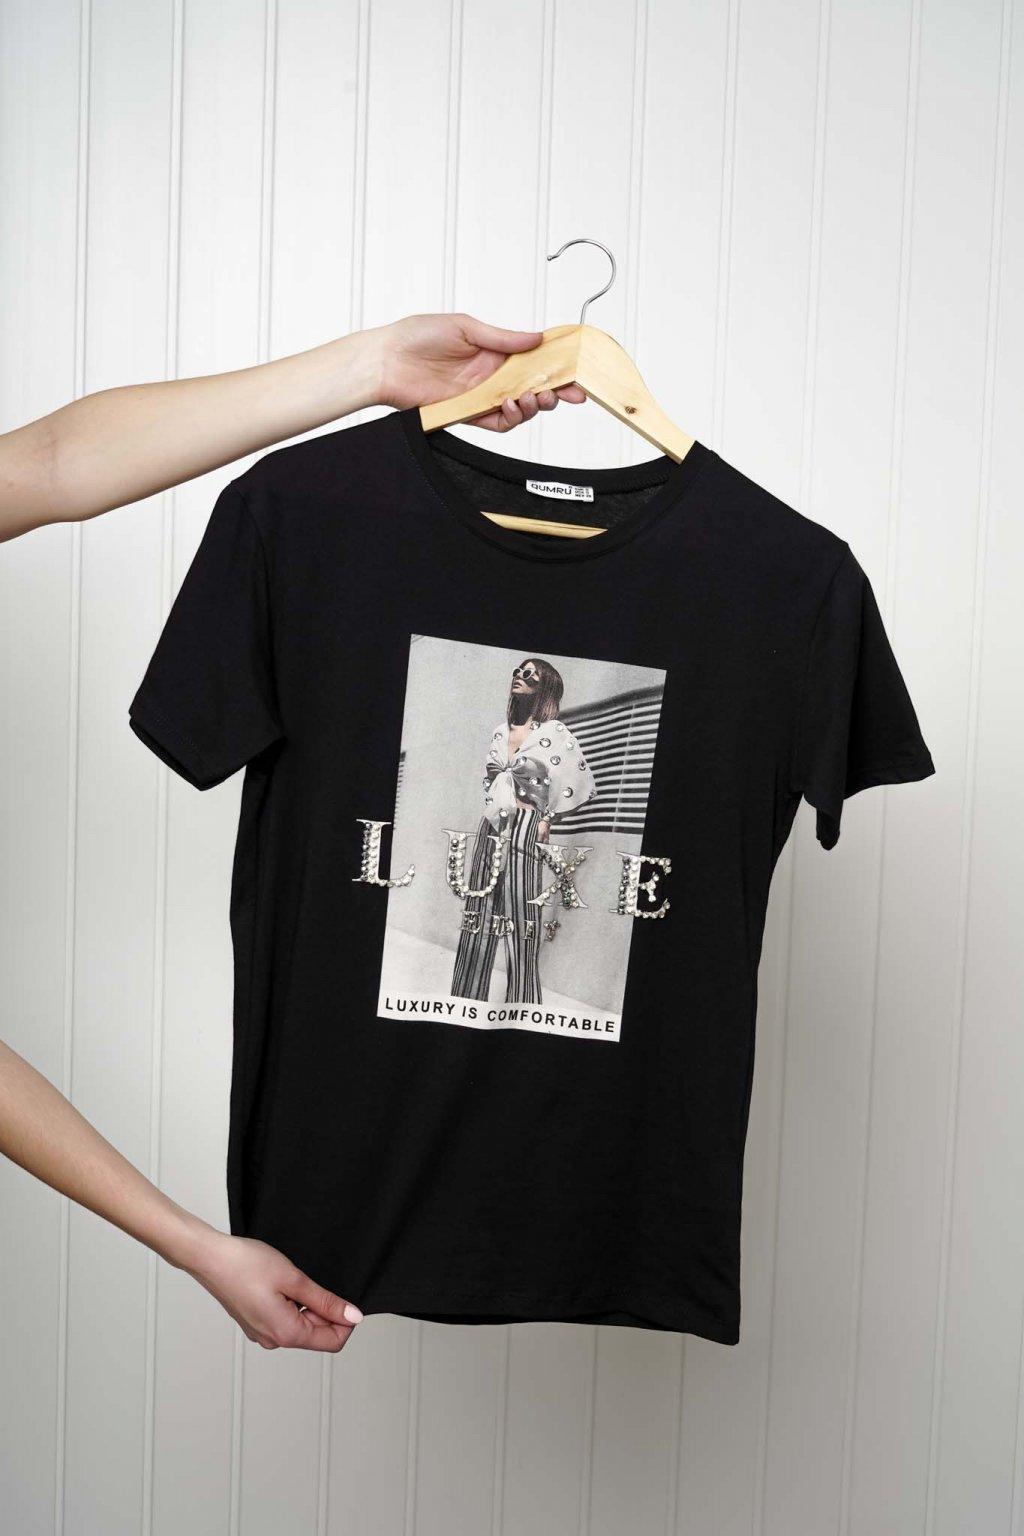 tričko, tričkové šaty, biele, čierne, žlté, vzorované, potlač, vyšívané, nášivky, fialové, street style, 260